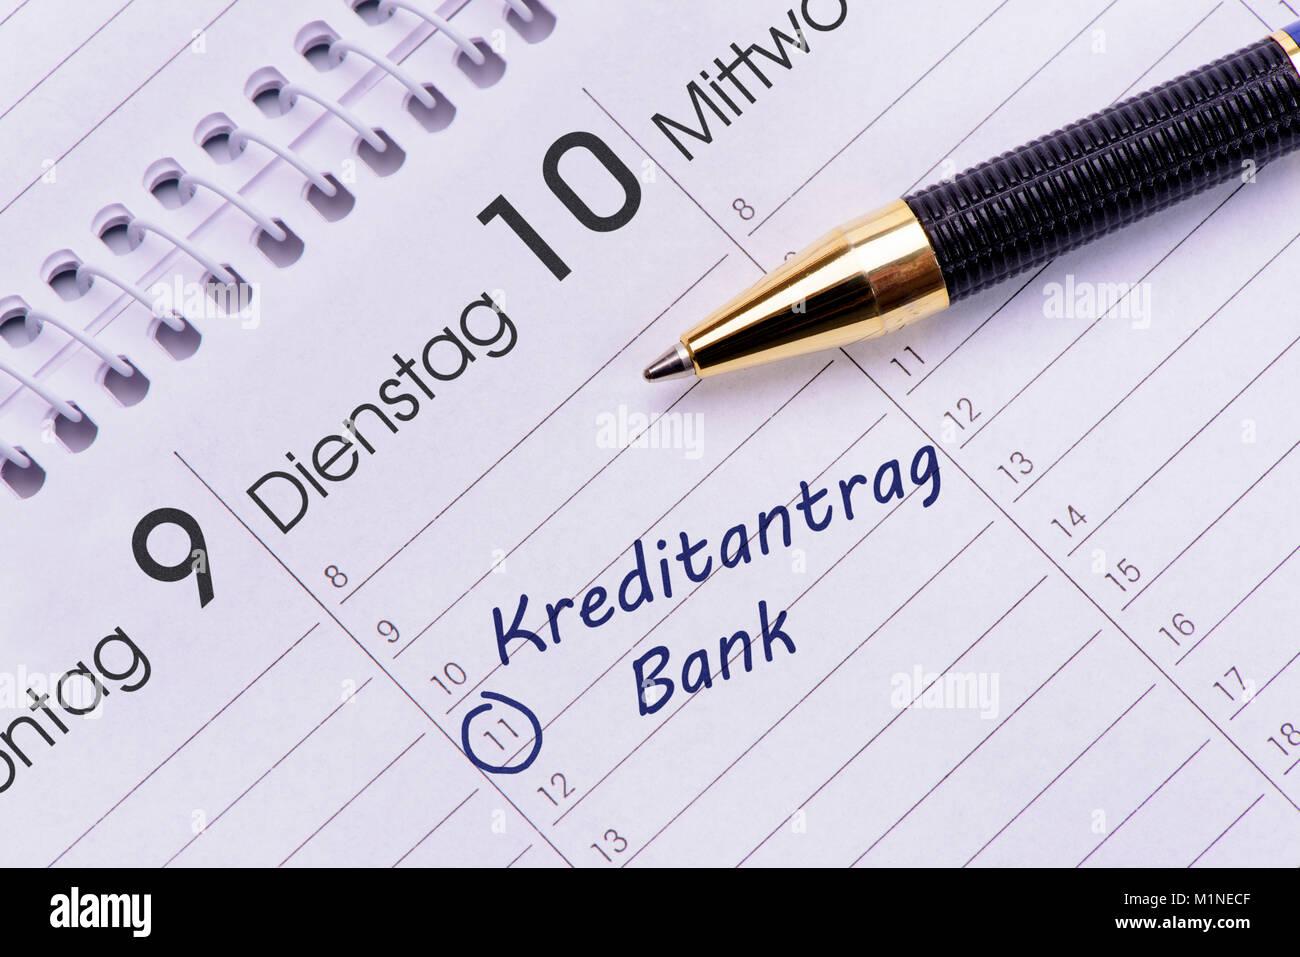 Kredit und Bank als Eintrag im Terminkalender Stock Photo